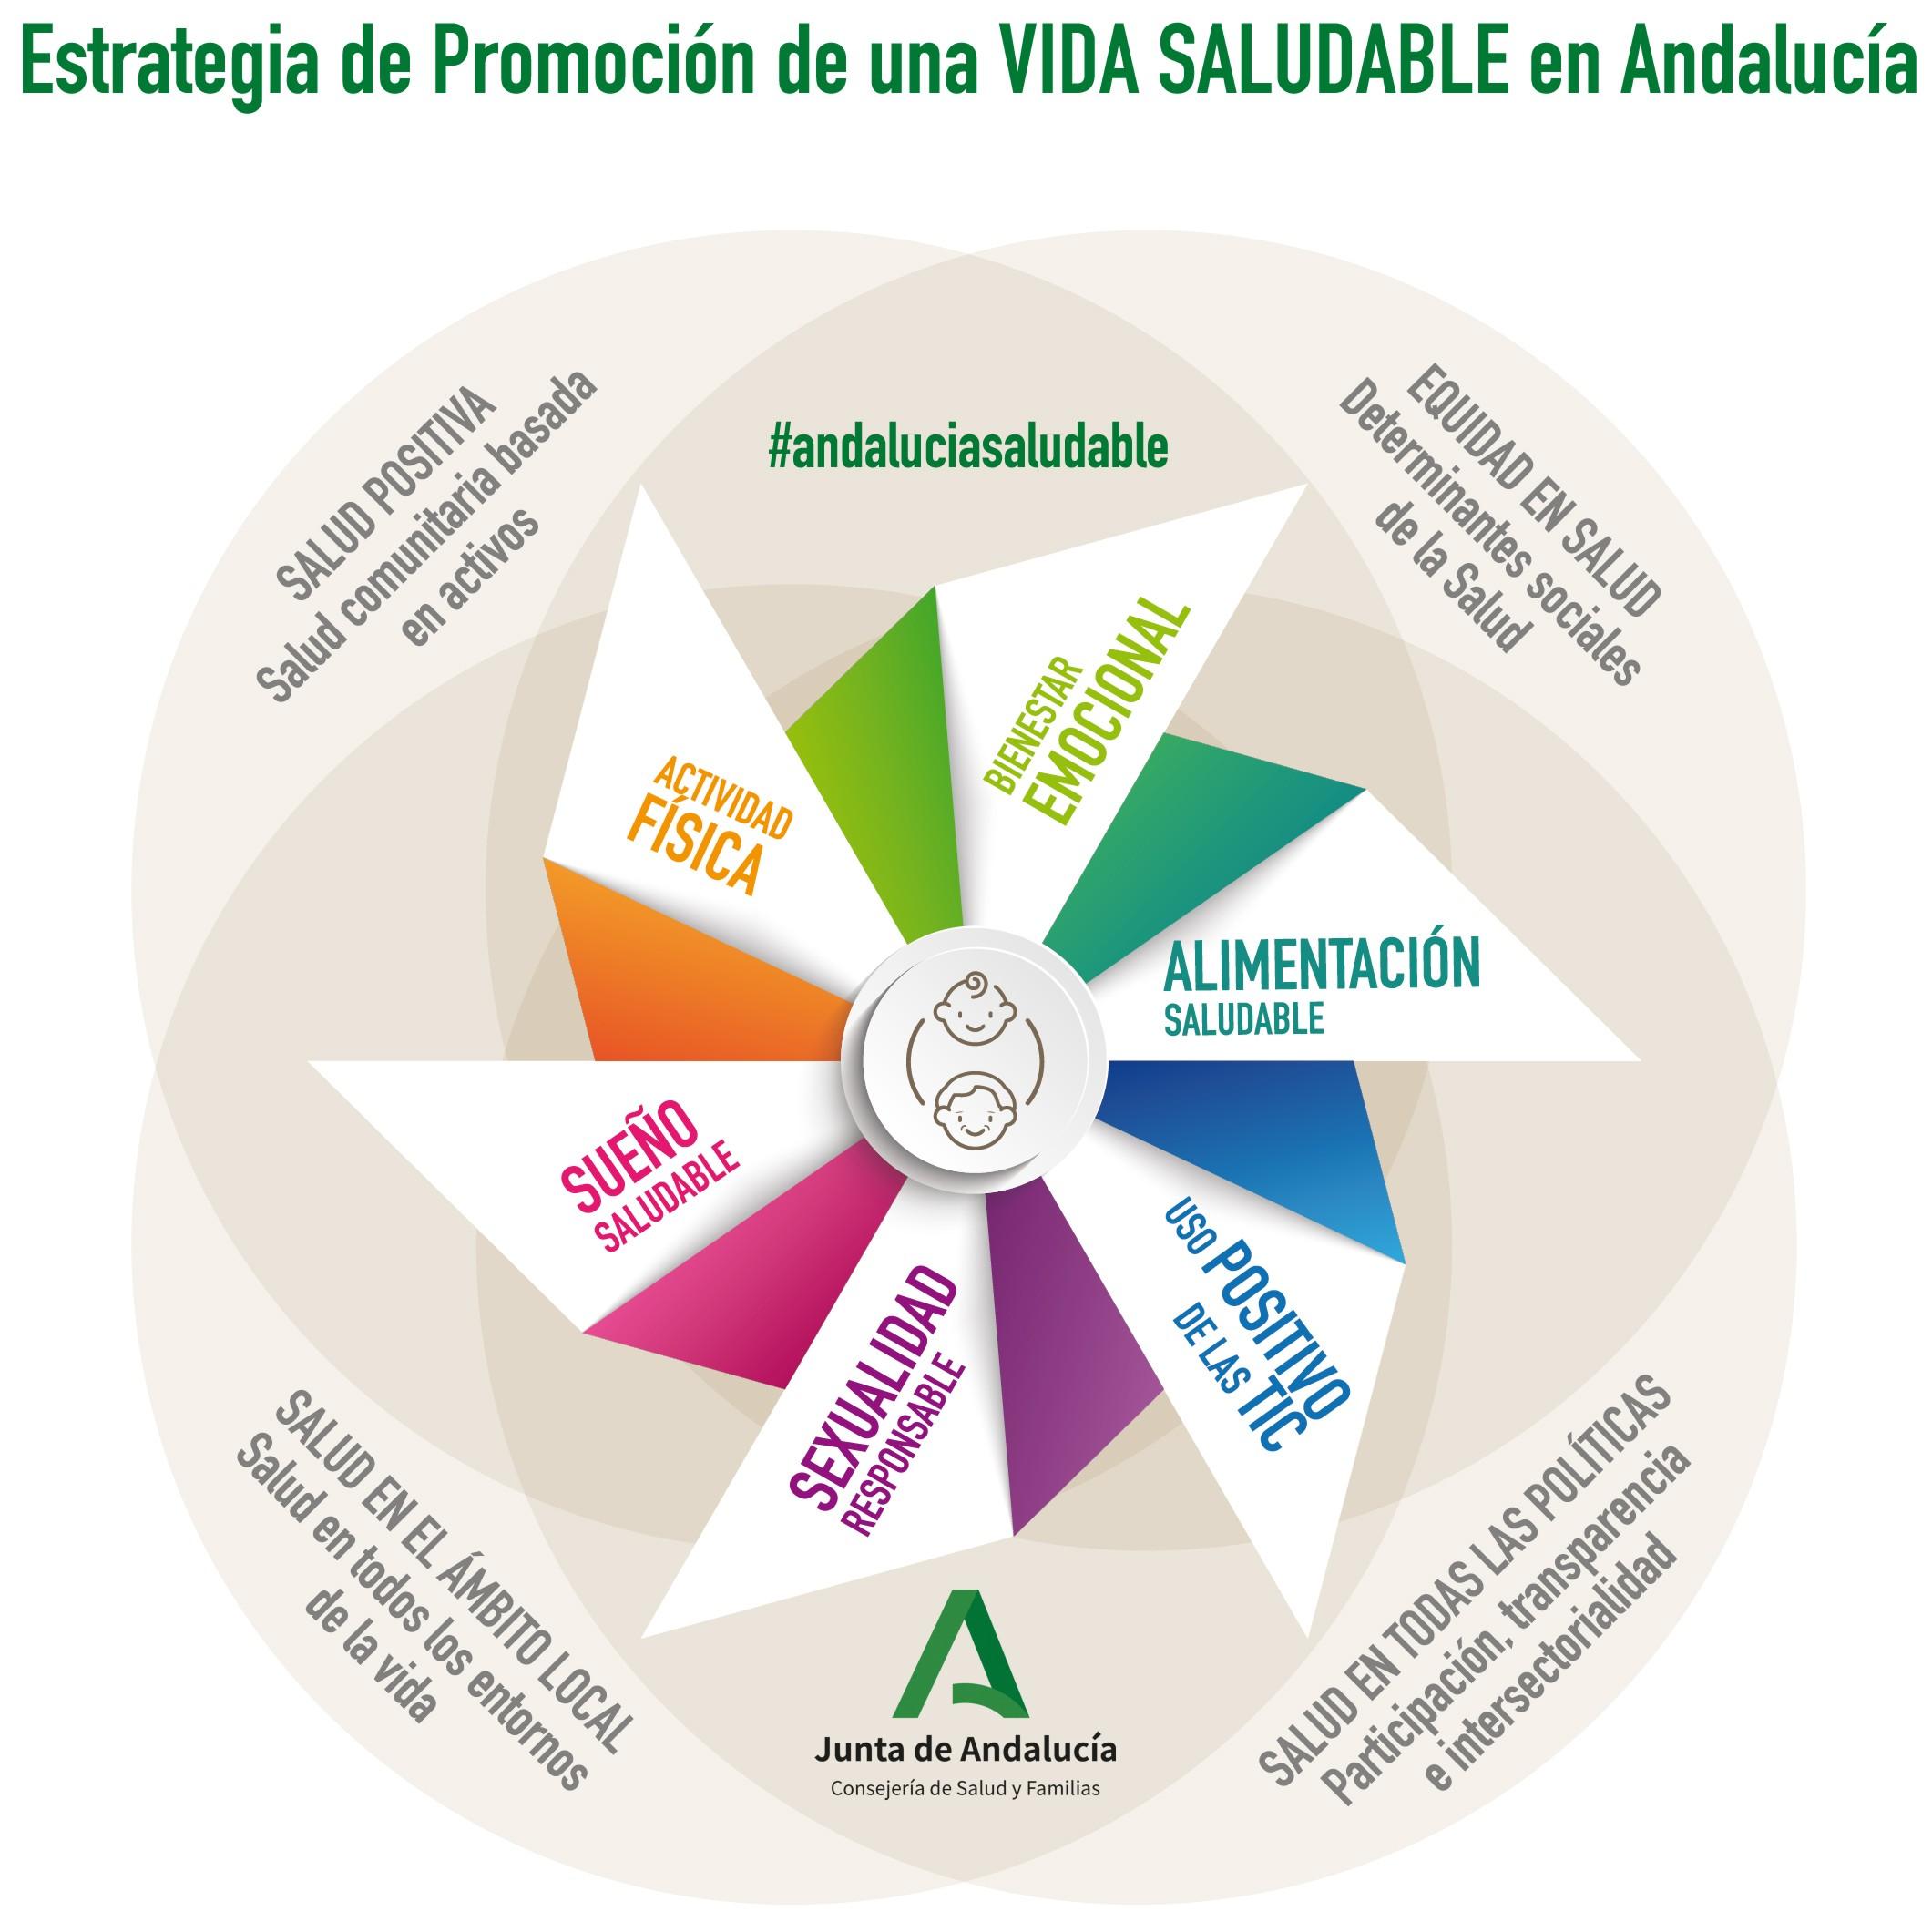 Infografia Estrategia de Promoción de una Vida Saludable en Andalucía